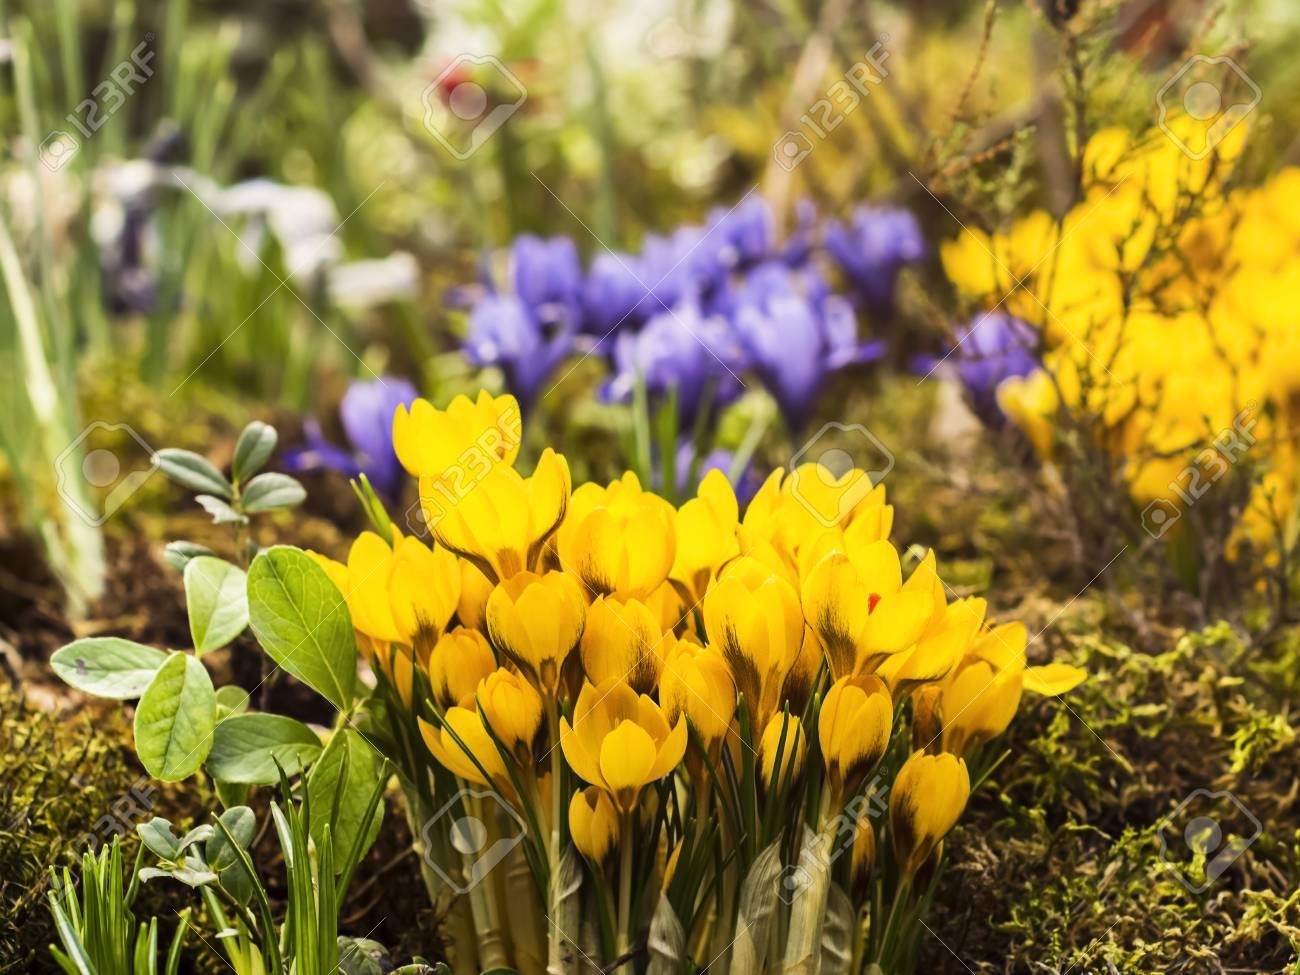 Foto de archivo - Hermoso azafrán amarilla que crece en el prado de la flor